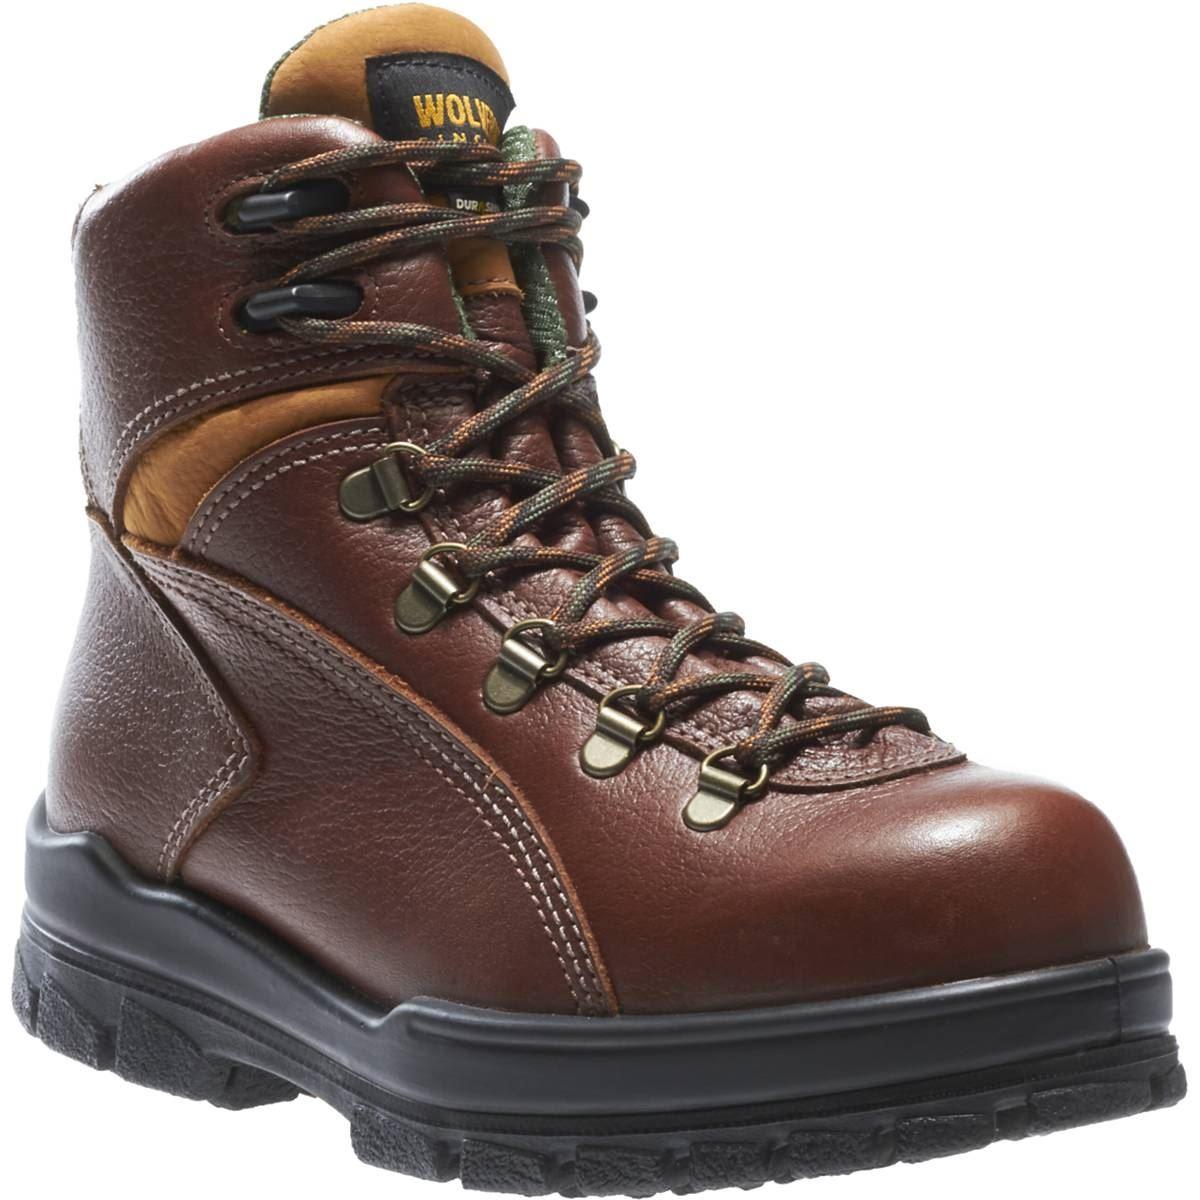 wolverine womens durashocks steel toe waterproof eh 6